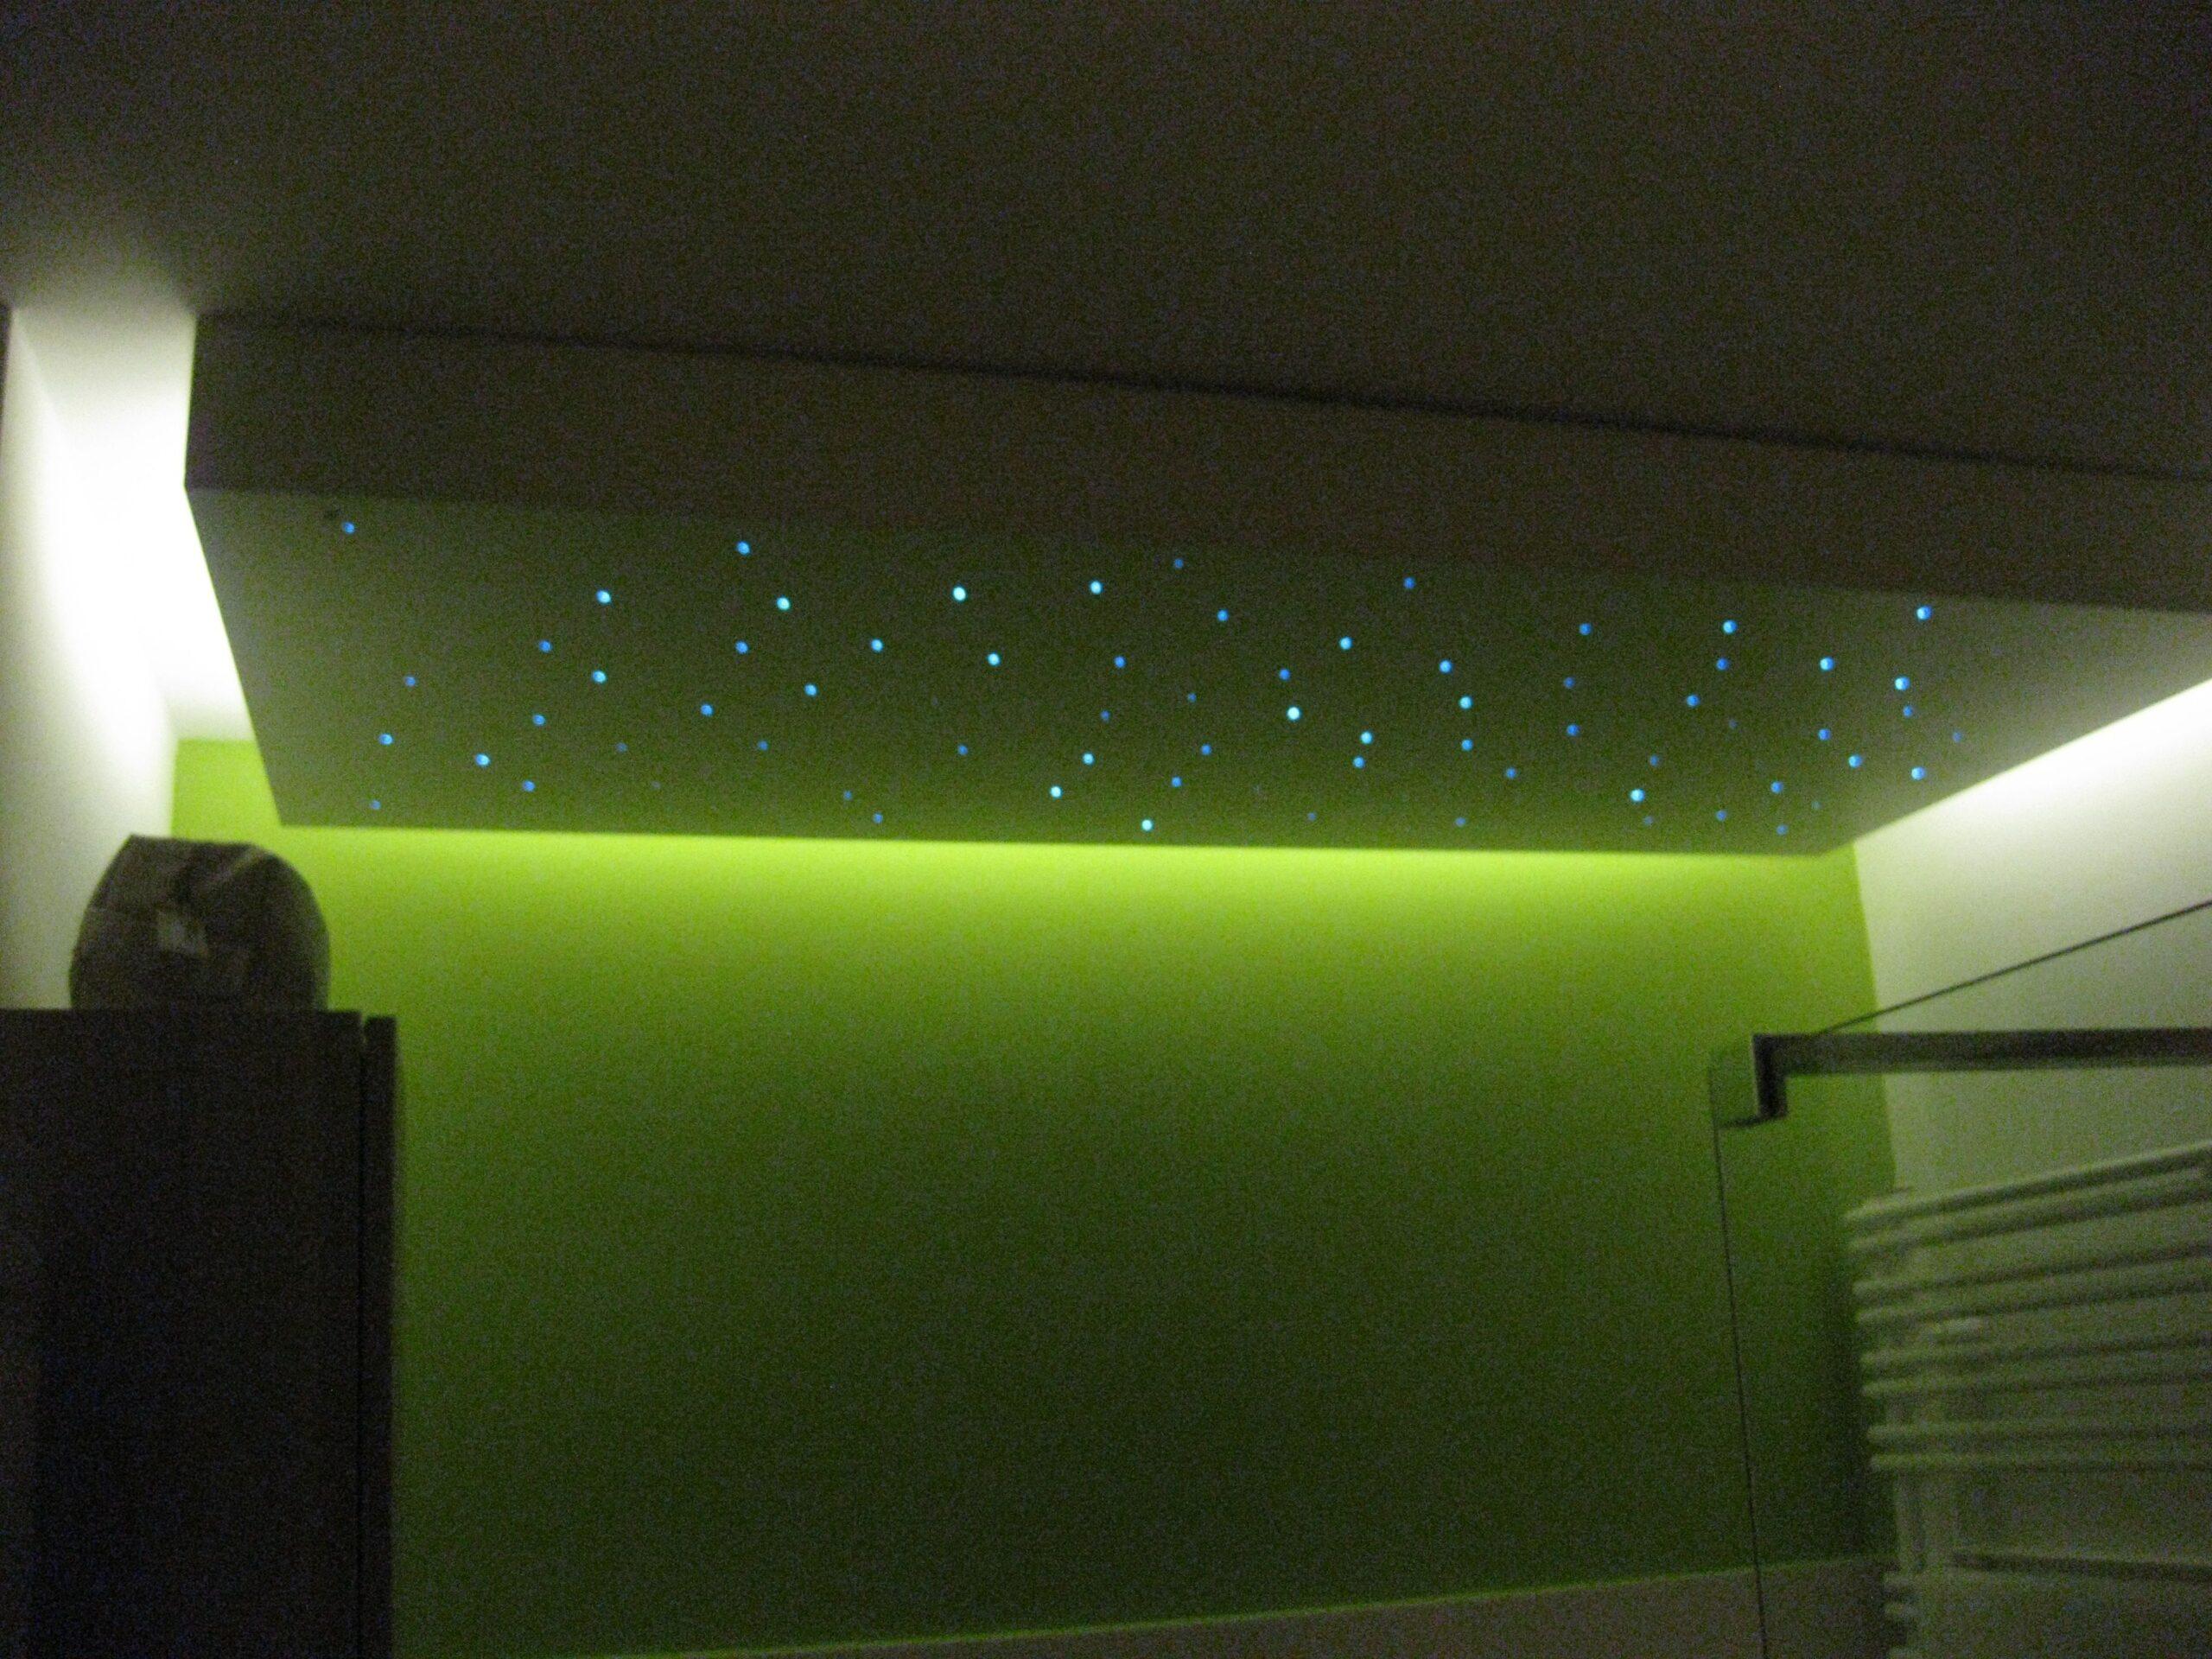 Full Size of Indirekte Beleuchtung Decke Selber Bauen Led Wohnzimmer Machen Deckenlampen Modern Bett 180x200 Deckenleuchte Schlafzimmer Velux Fenster Einbauen Wohnzimmer Indirekte Beleuchtung Decke Selber Bauen